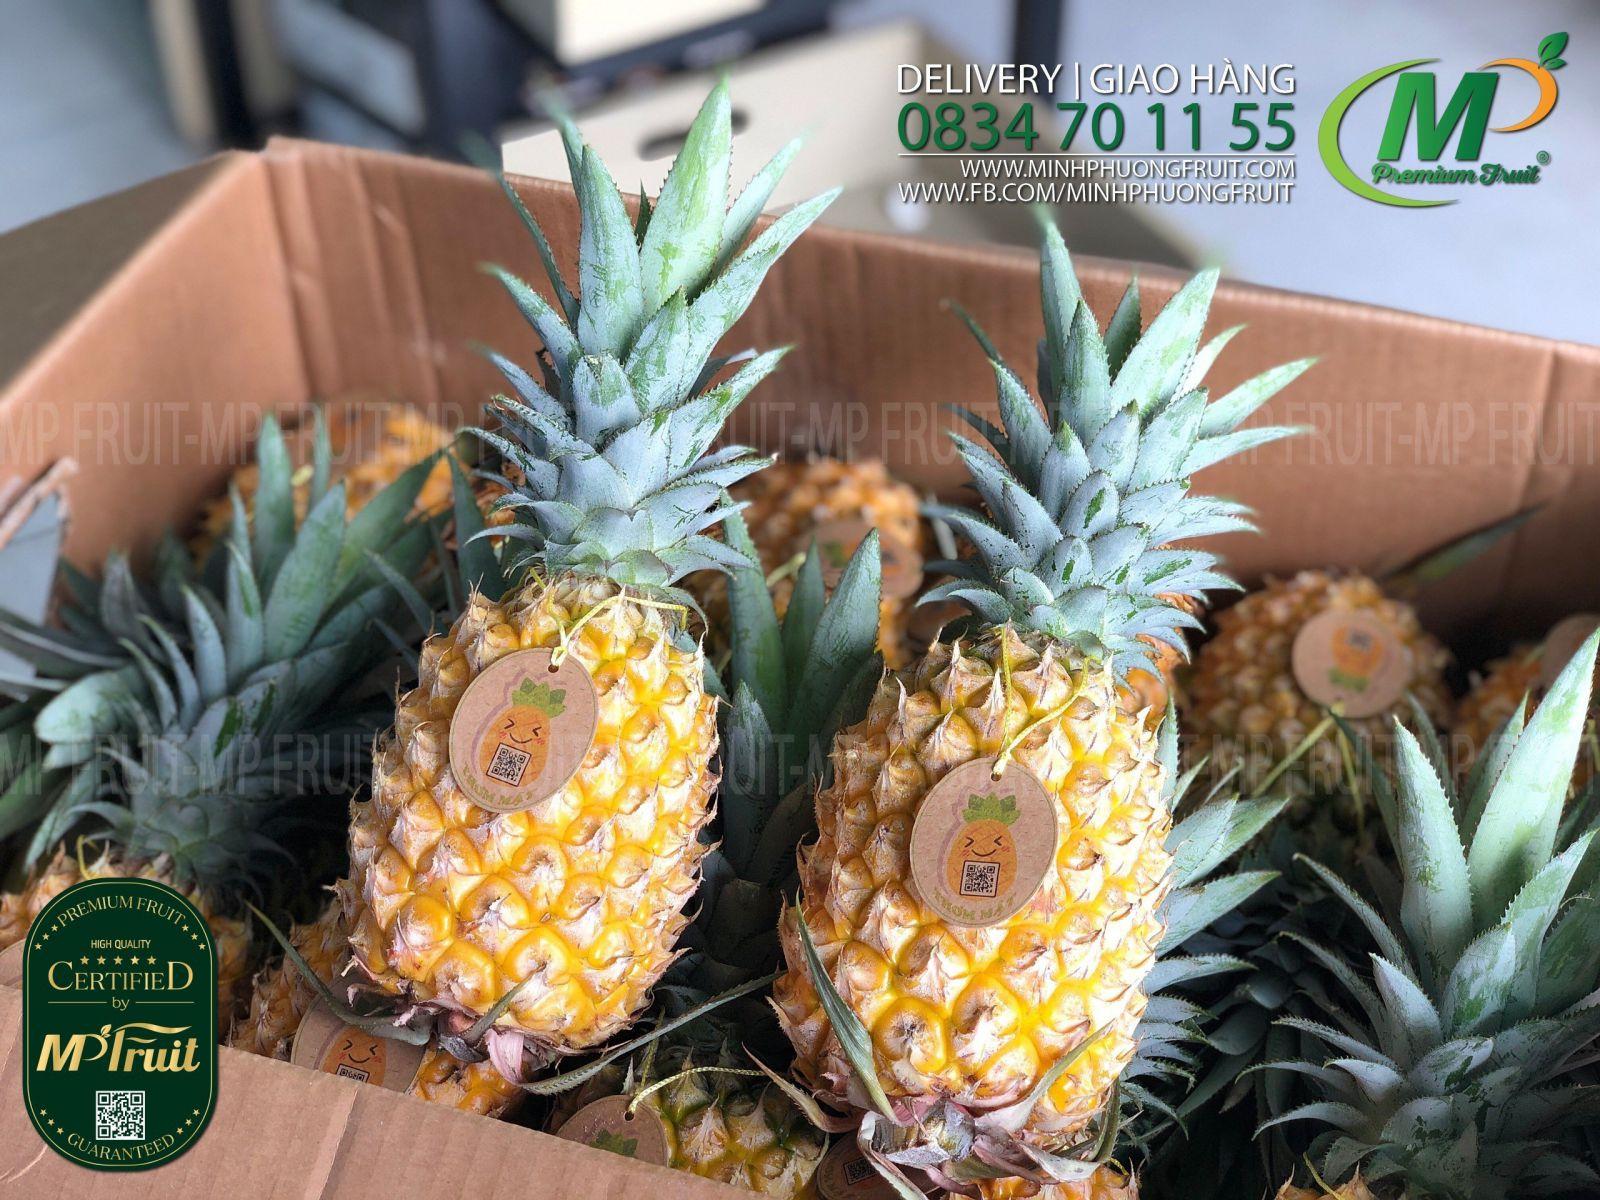 Quả Thơm Mật Quỳnh Lưu Nghệ An tại MP Fruit